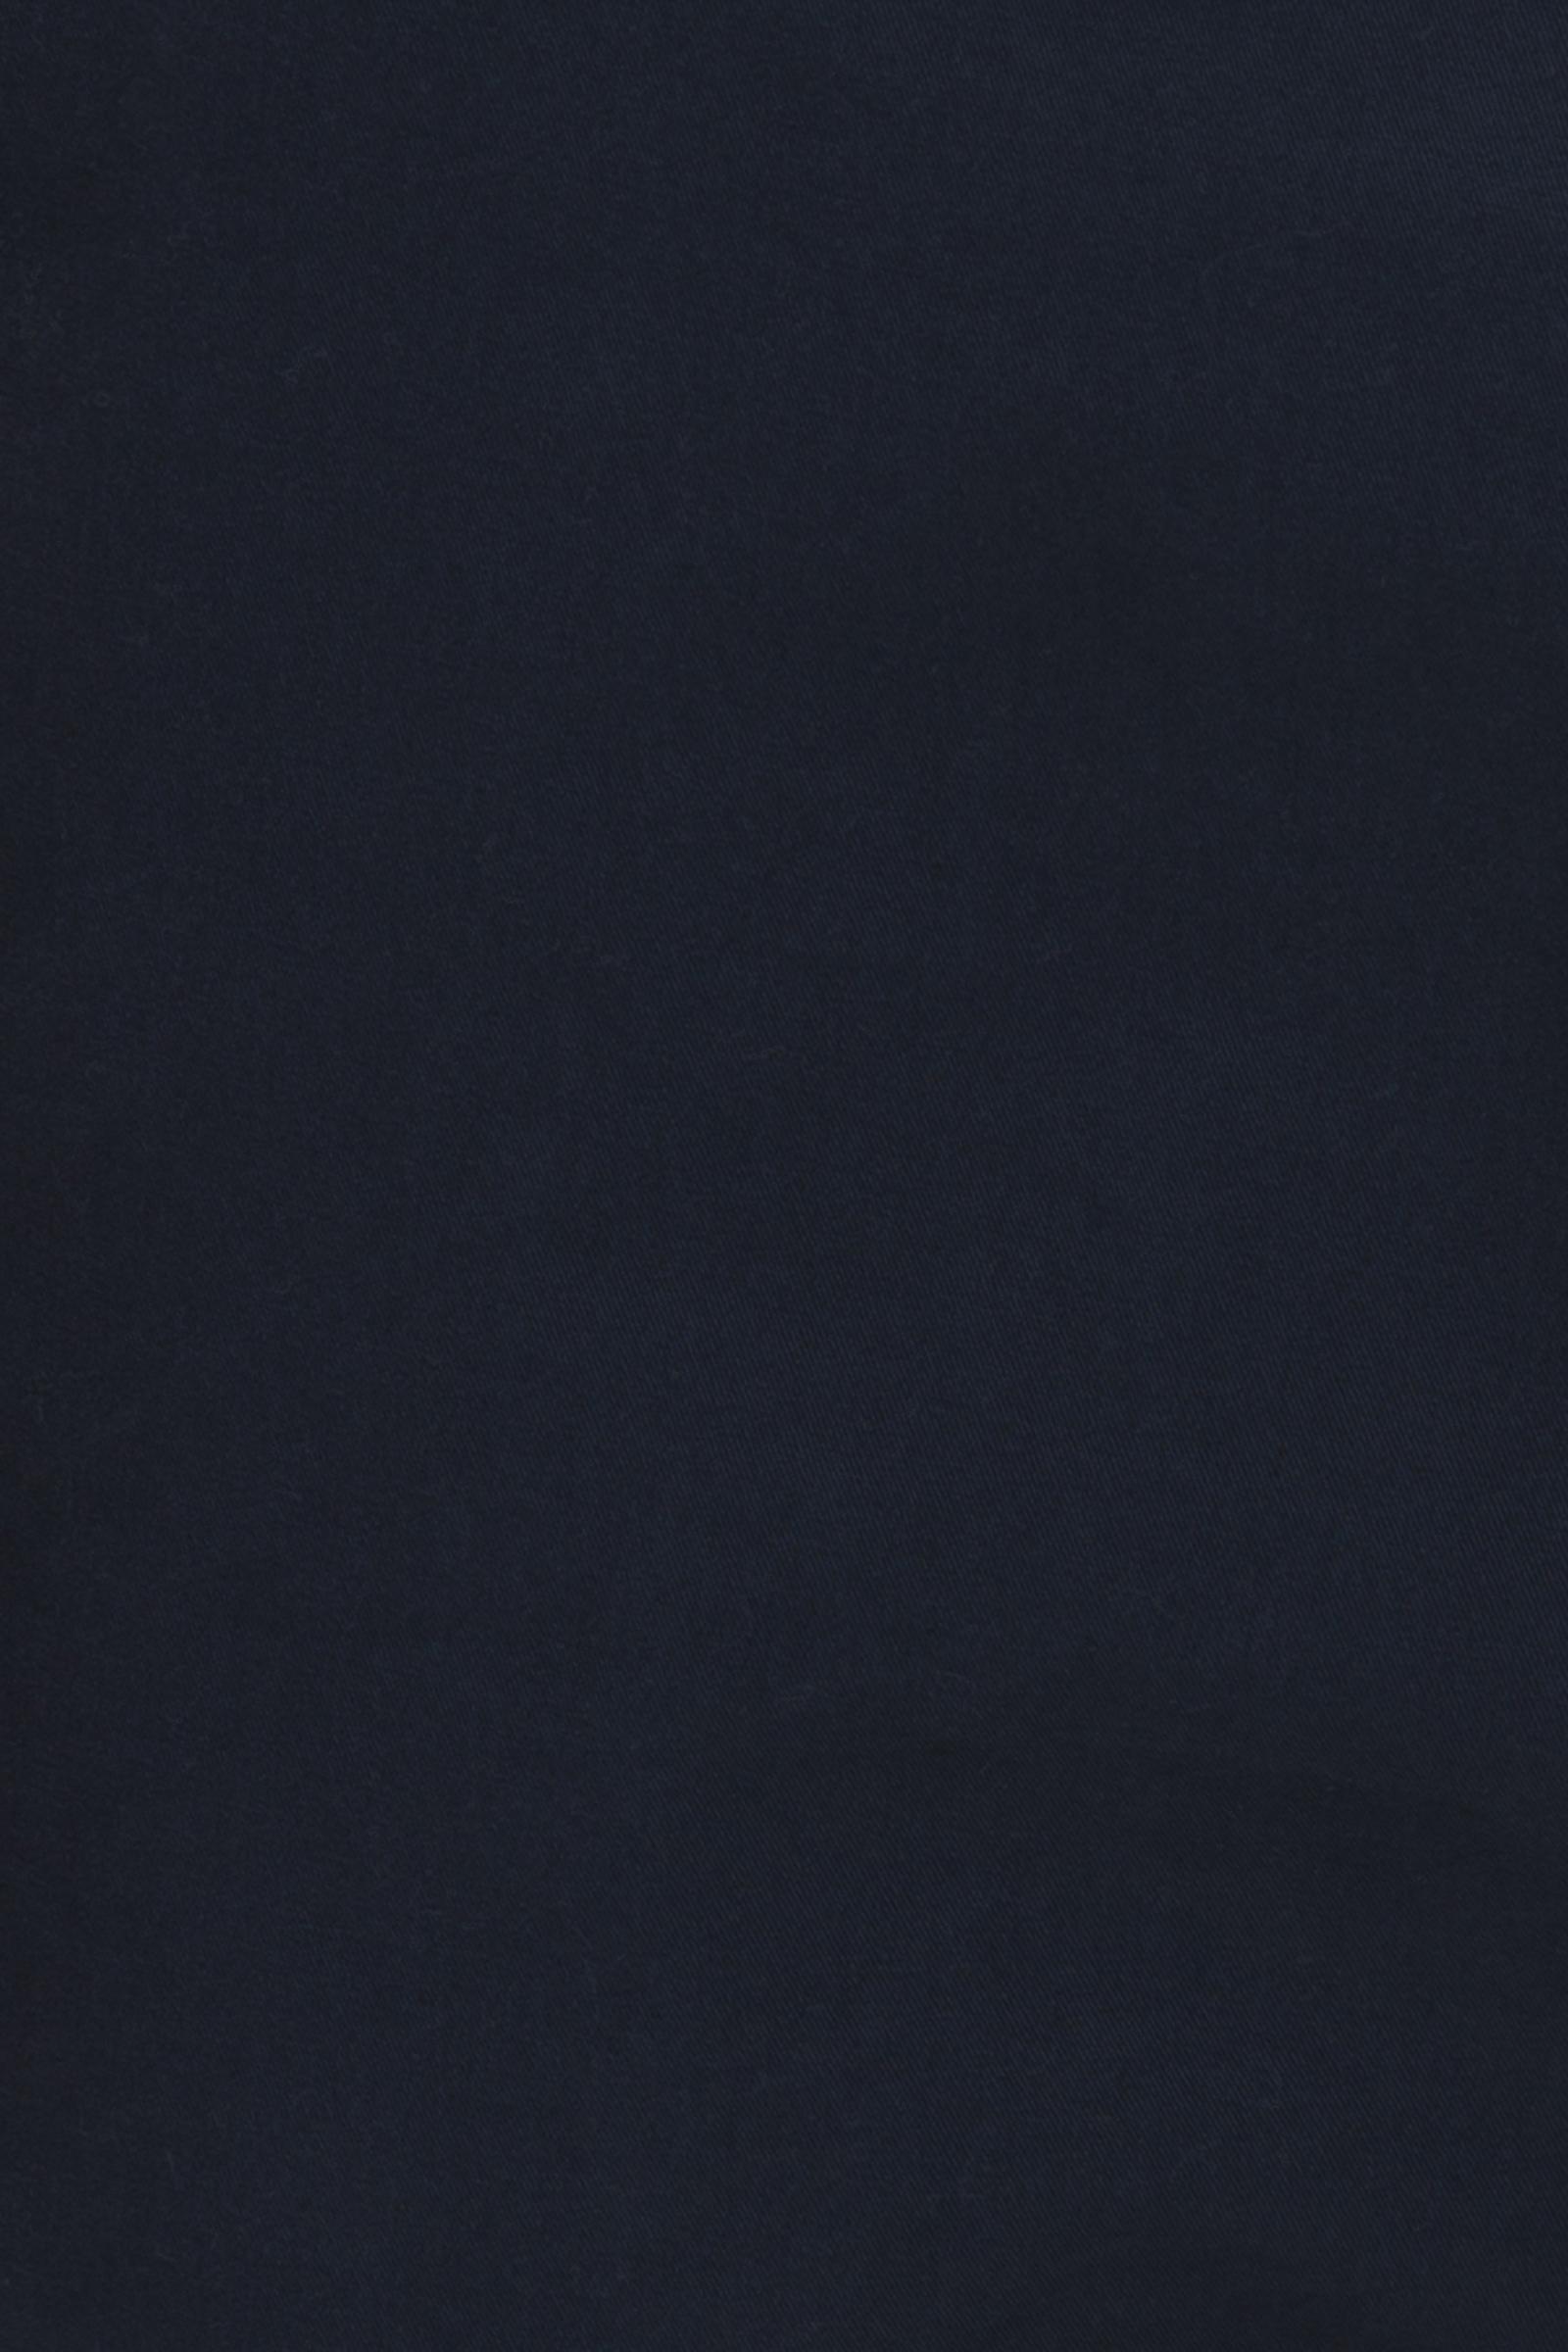 KOAJ-PANTALON KOAJ CHINO CP COMFORT 8 1/18